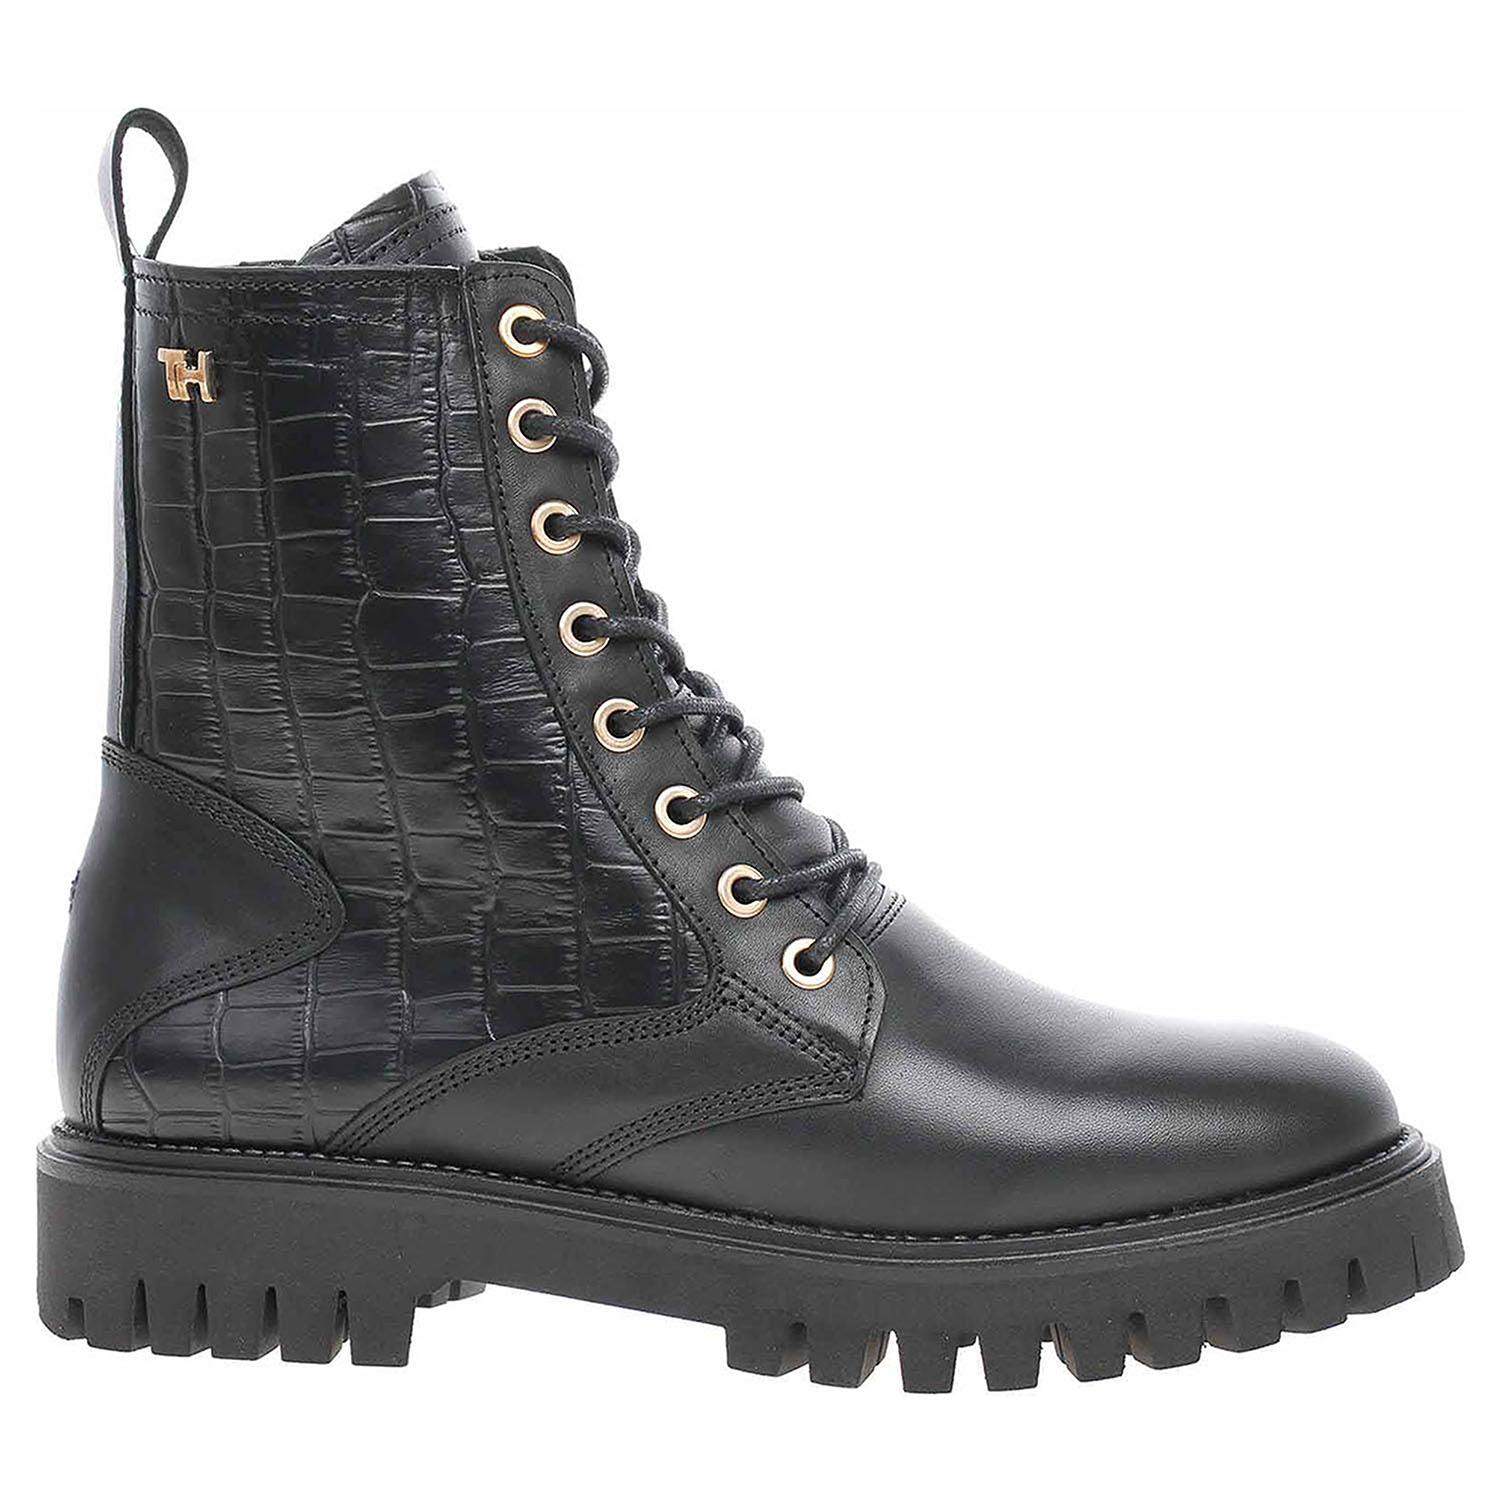 Dámská kotníková obuv Tommy Hilfiger FW0FW05284 BDS black FW0FW05284 BDS 39